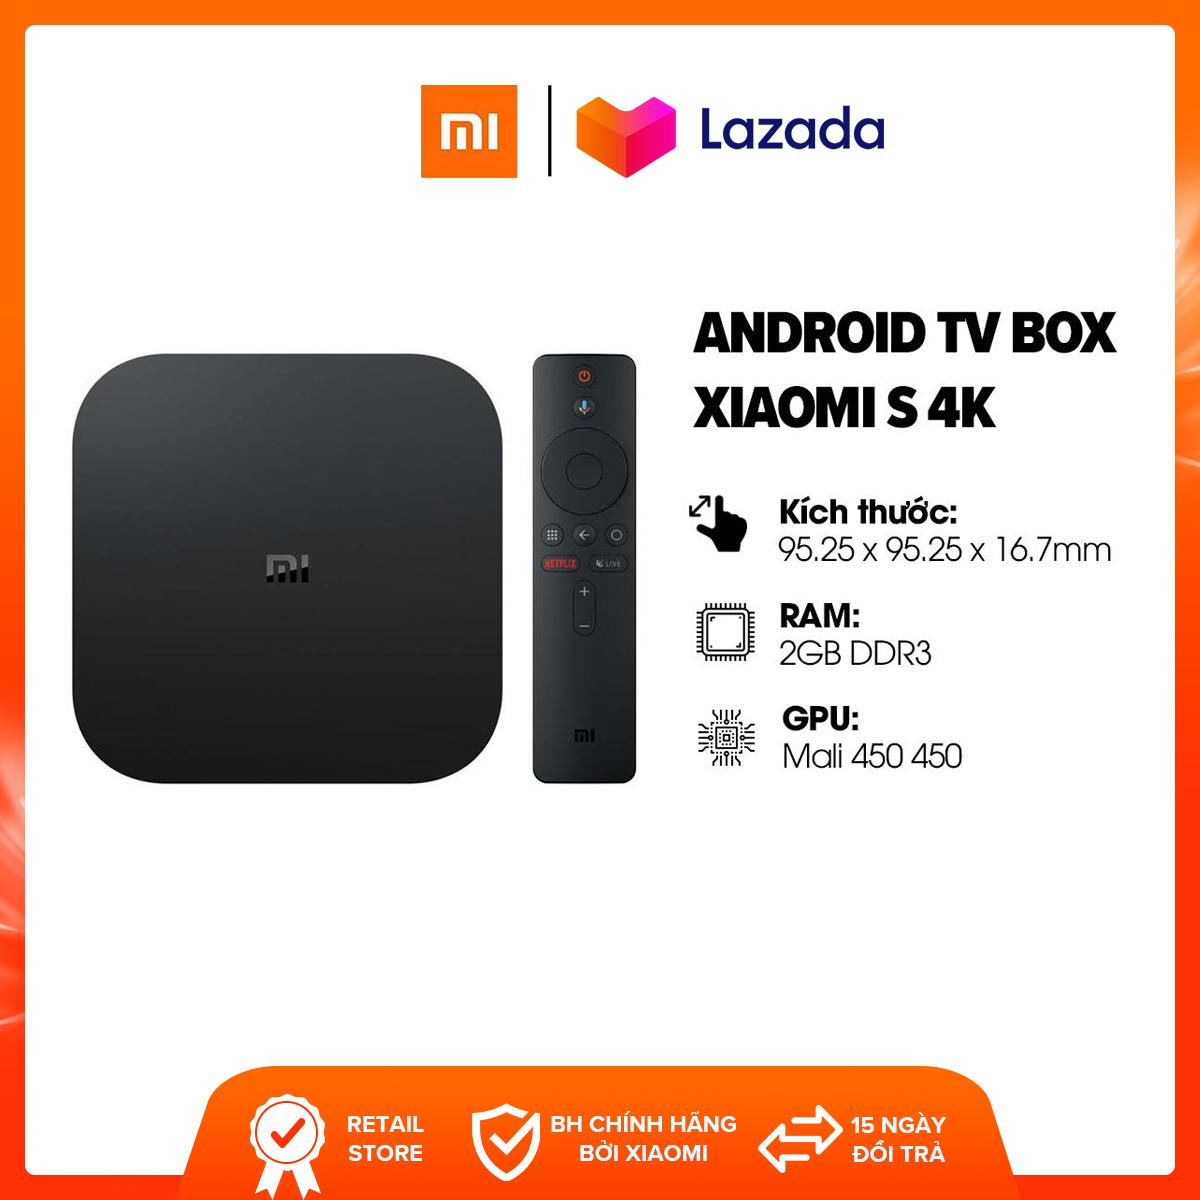 [FREESHIP] Android TV Box Xiaomi S 4K (3840 X 2160) L CPU 4 Nhân, RAM 2GB, Bộ Nhớ 8GB L Kết Nối Wifi, Bluetooth 4.2, HDMI L HÀNG CHÍNH HÃNG Bất Ngờ Ưu Đãi Giá